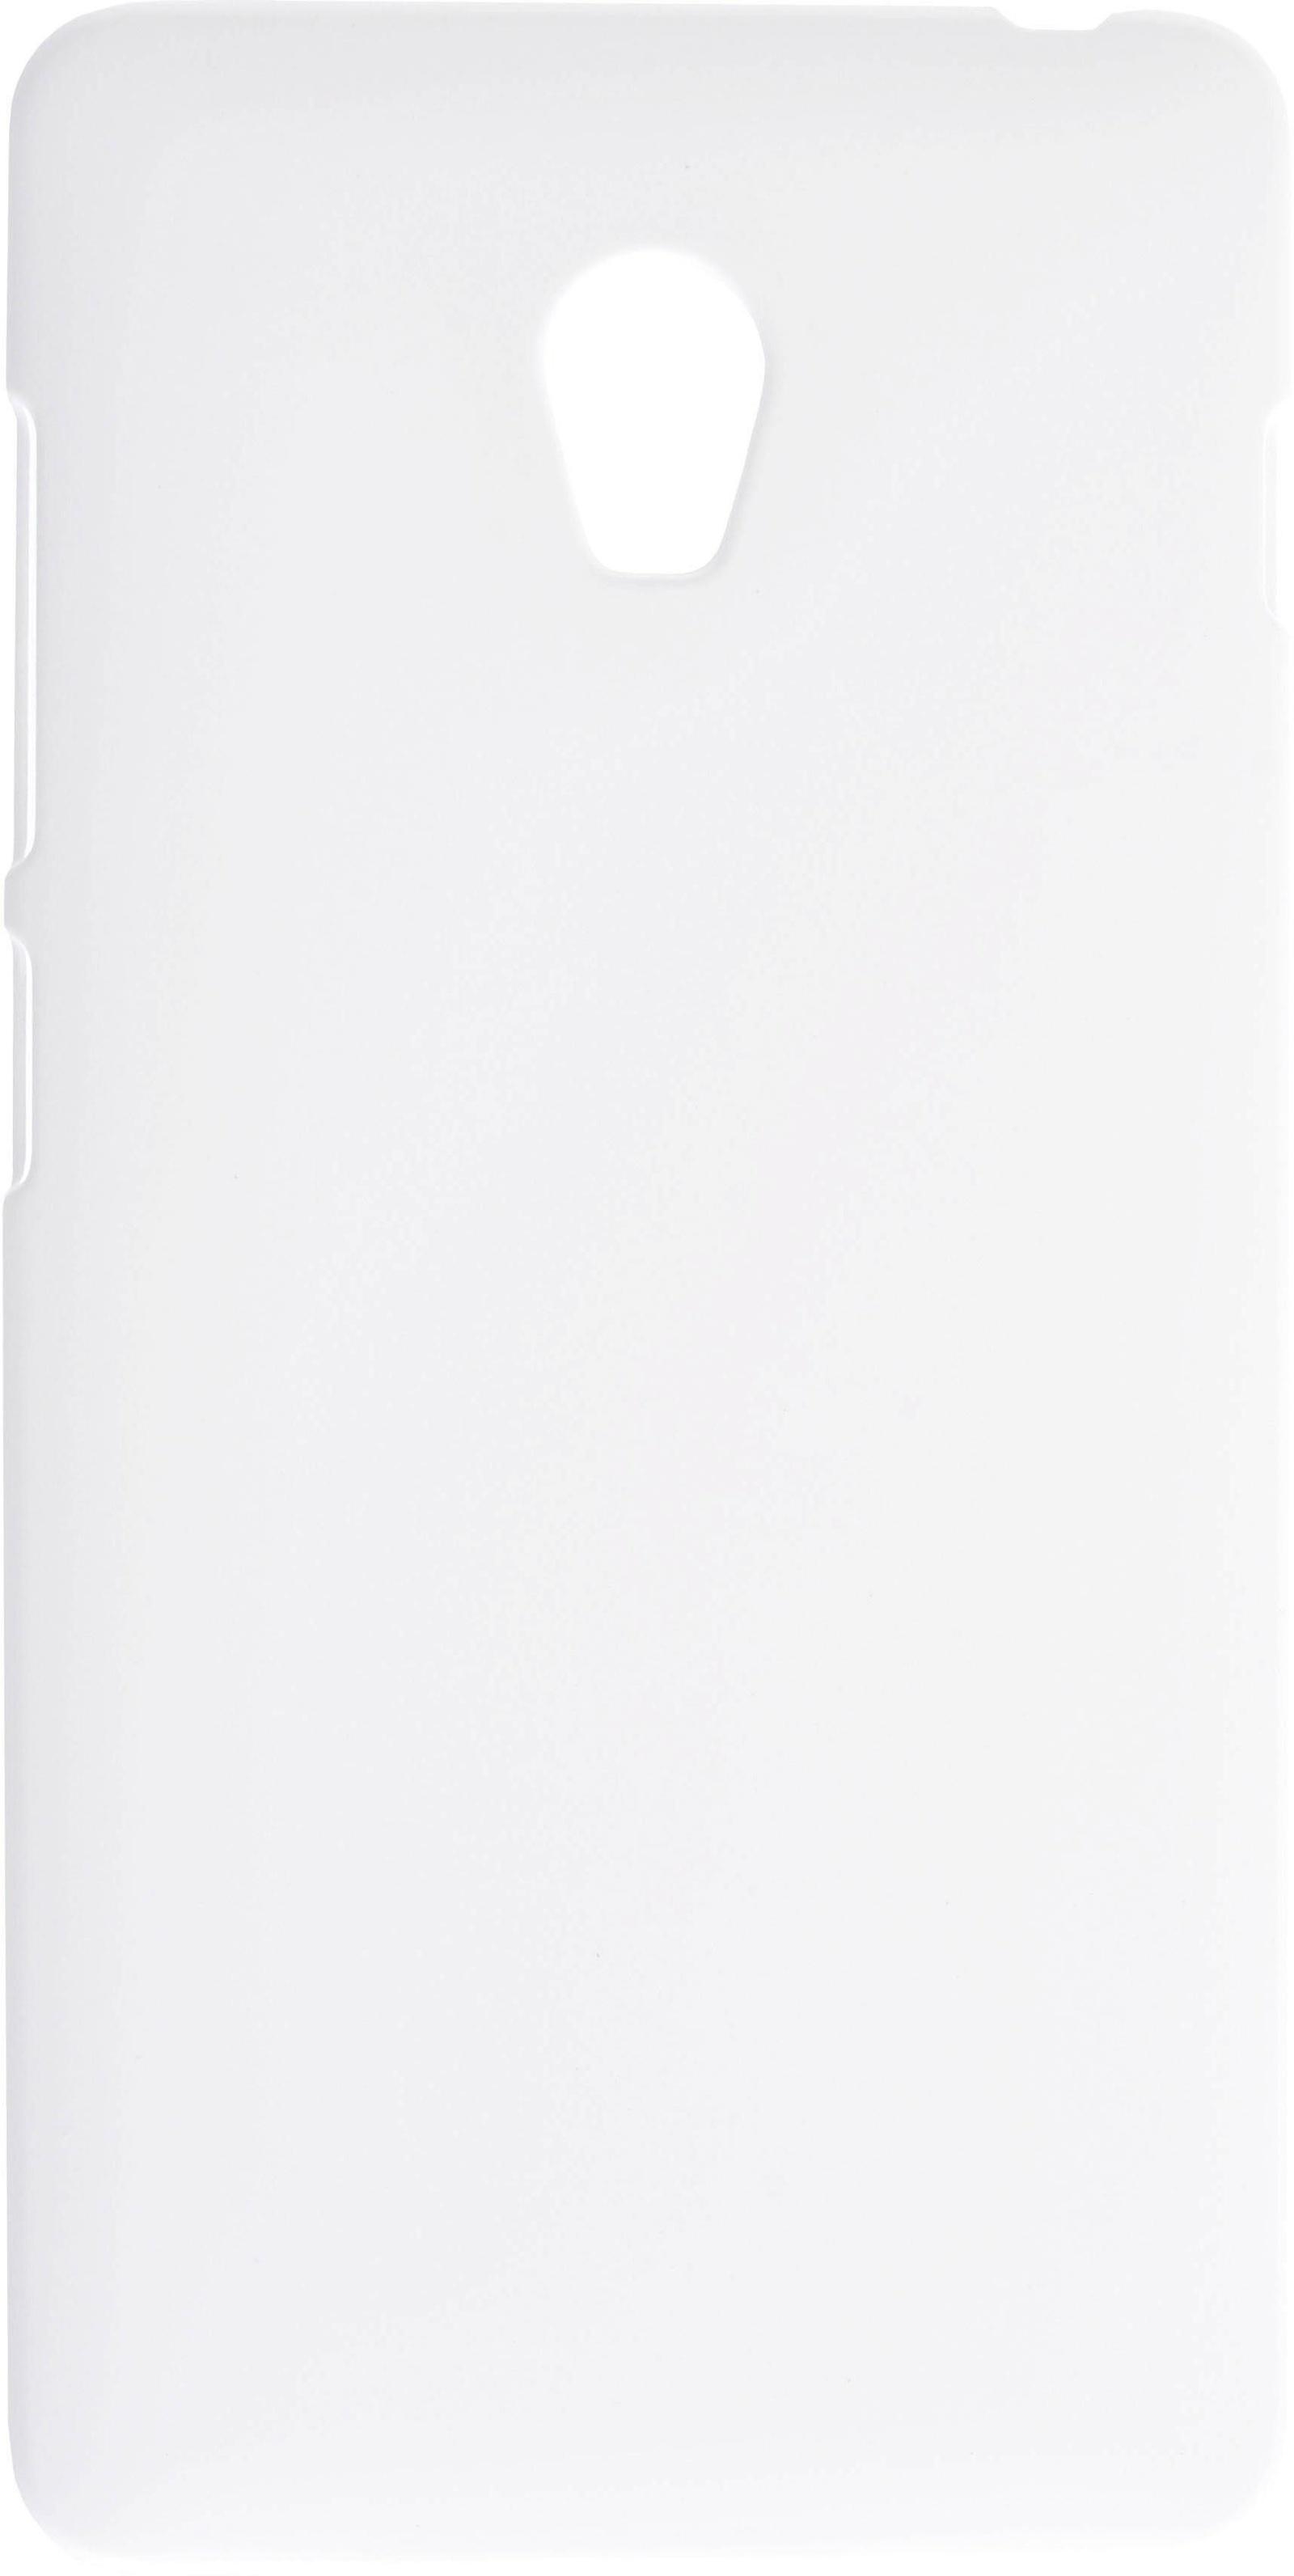 Чехол для сотового телефона skinBOX 4People, 4630042527591, белый стоимость